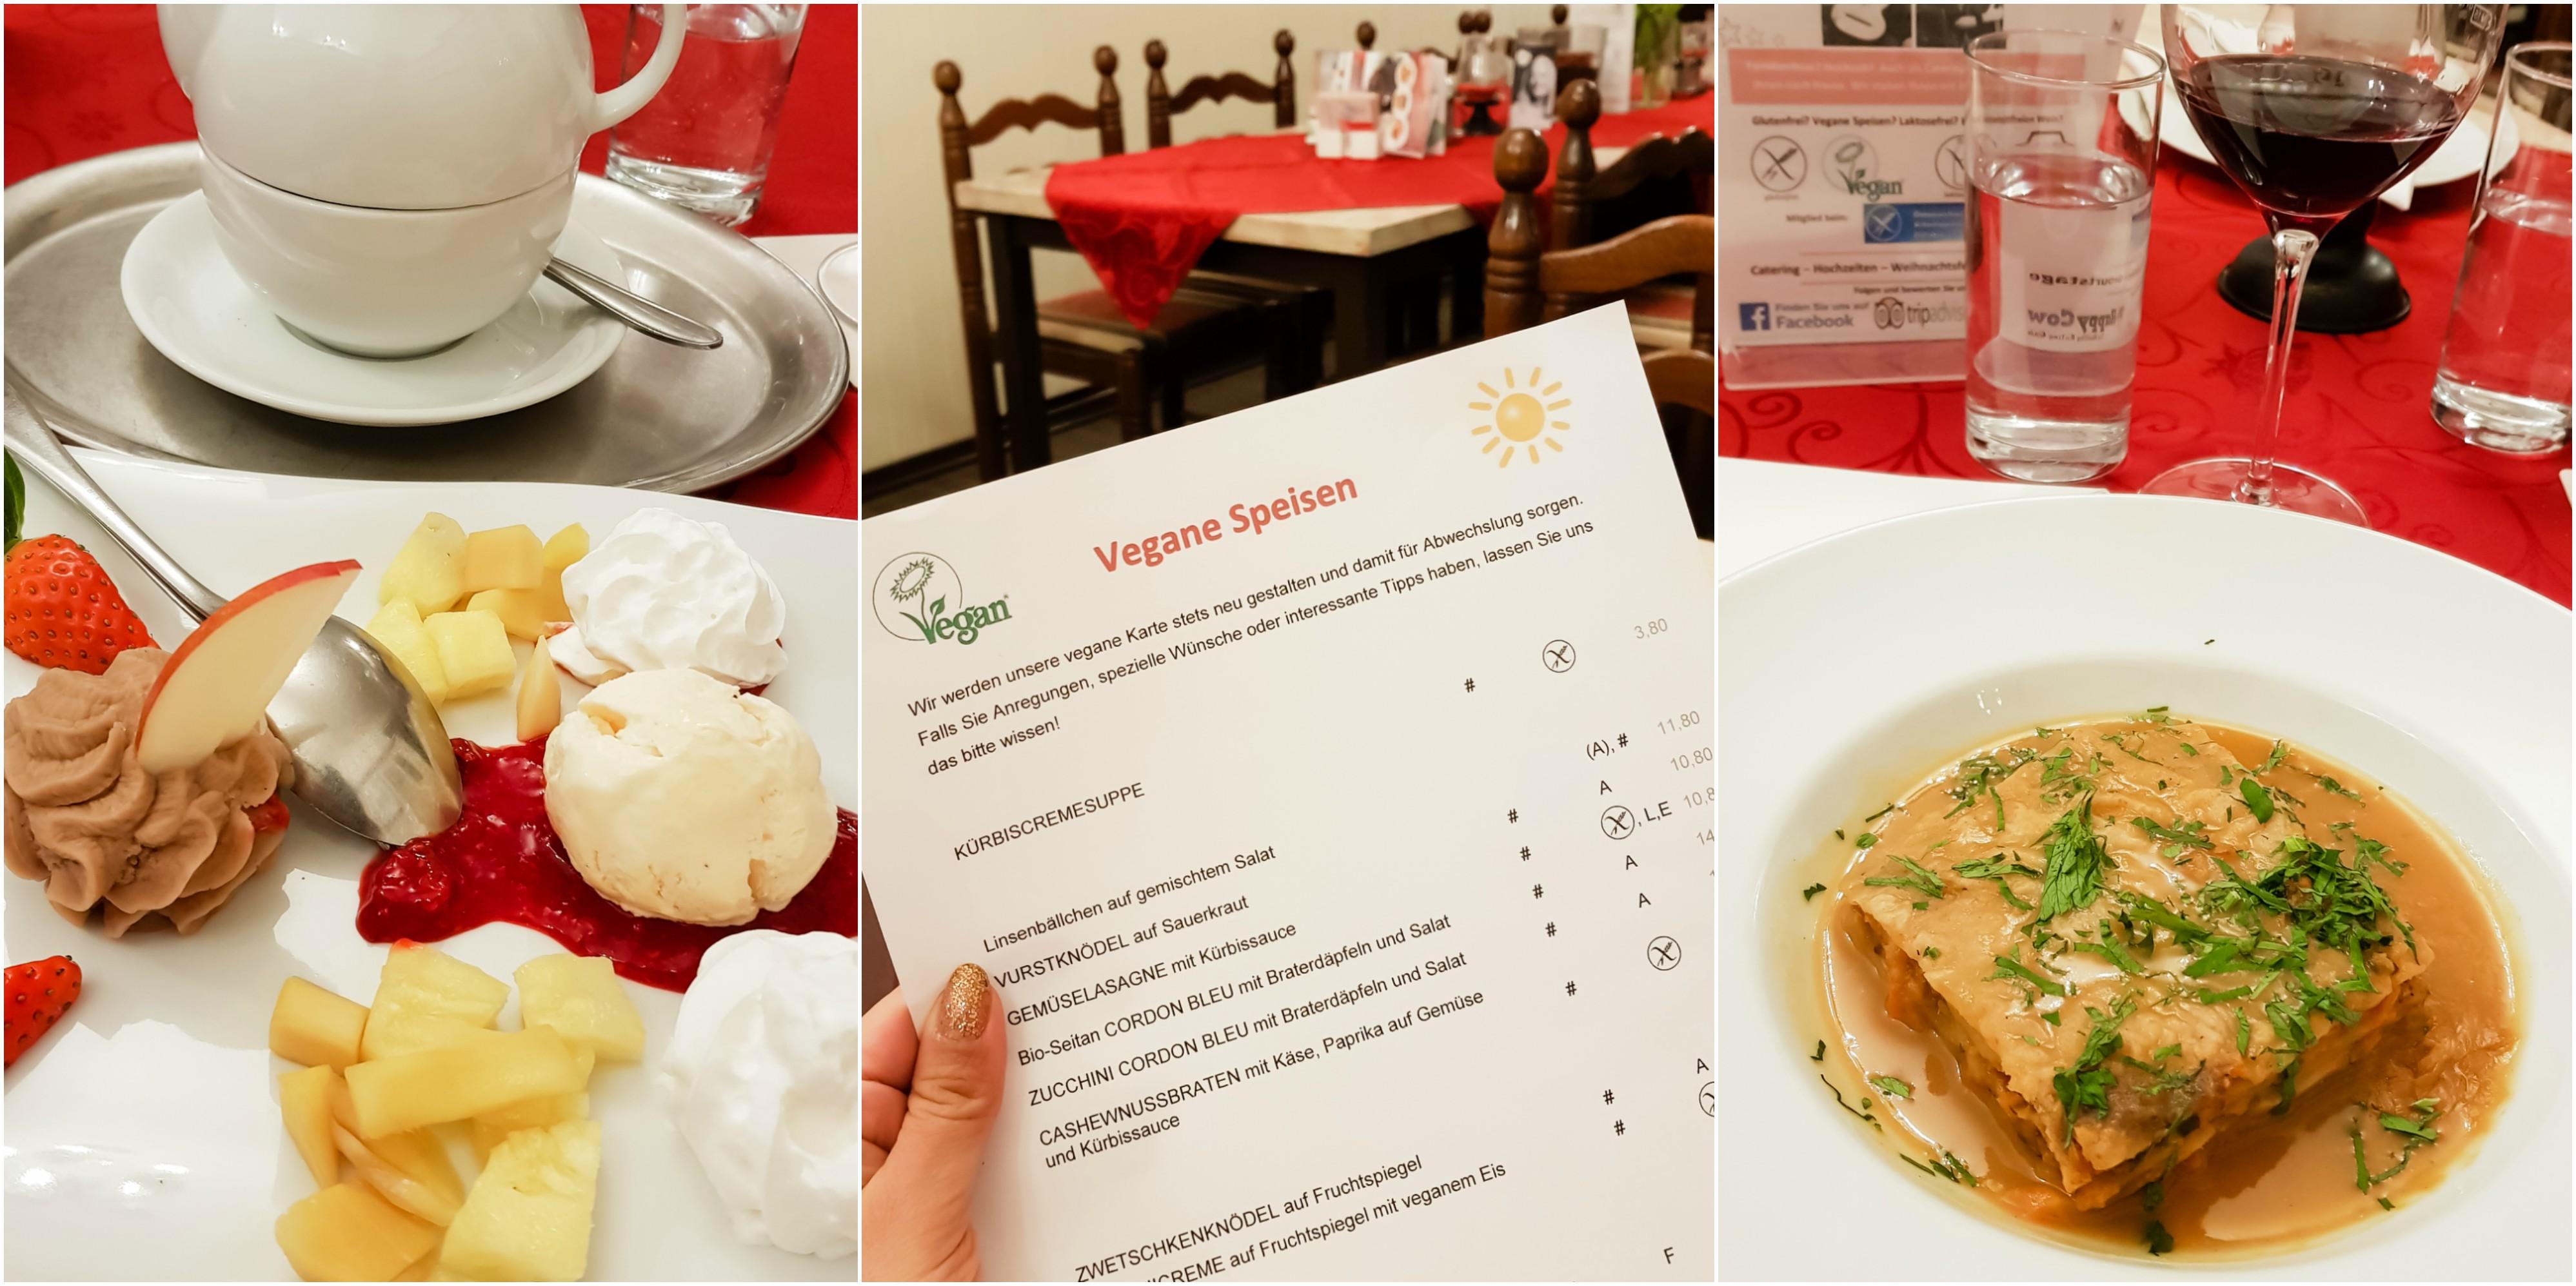 Gasthaus-am-Presdigtstuhl-wien-vegan-friendly-restaurant